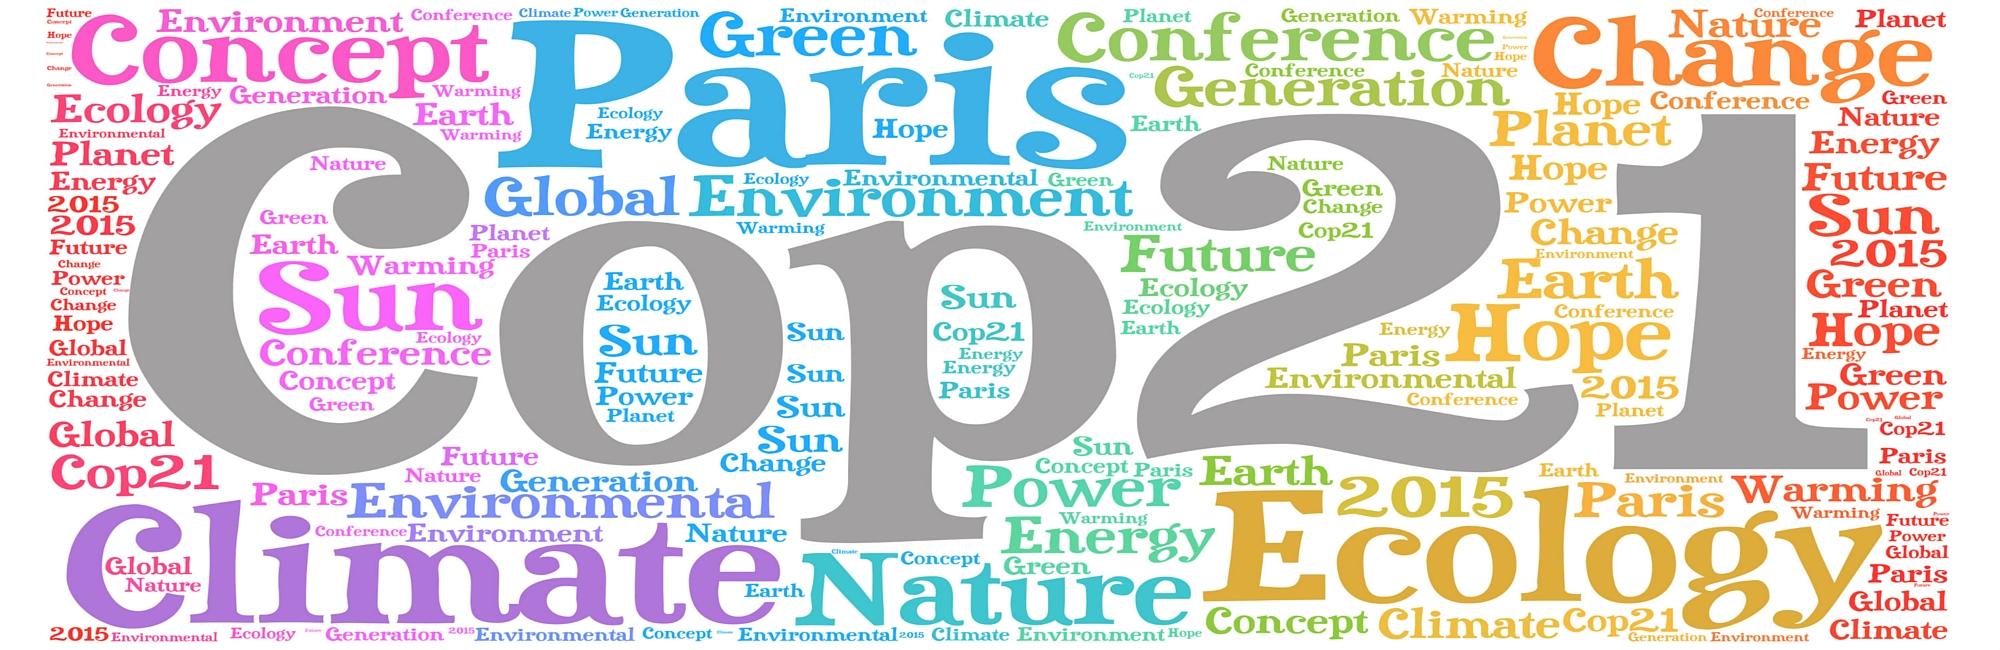 COP21 Argentina